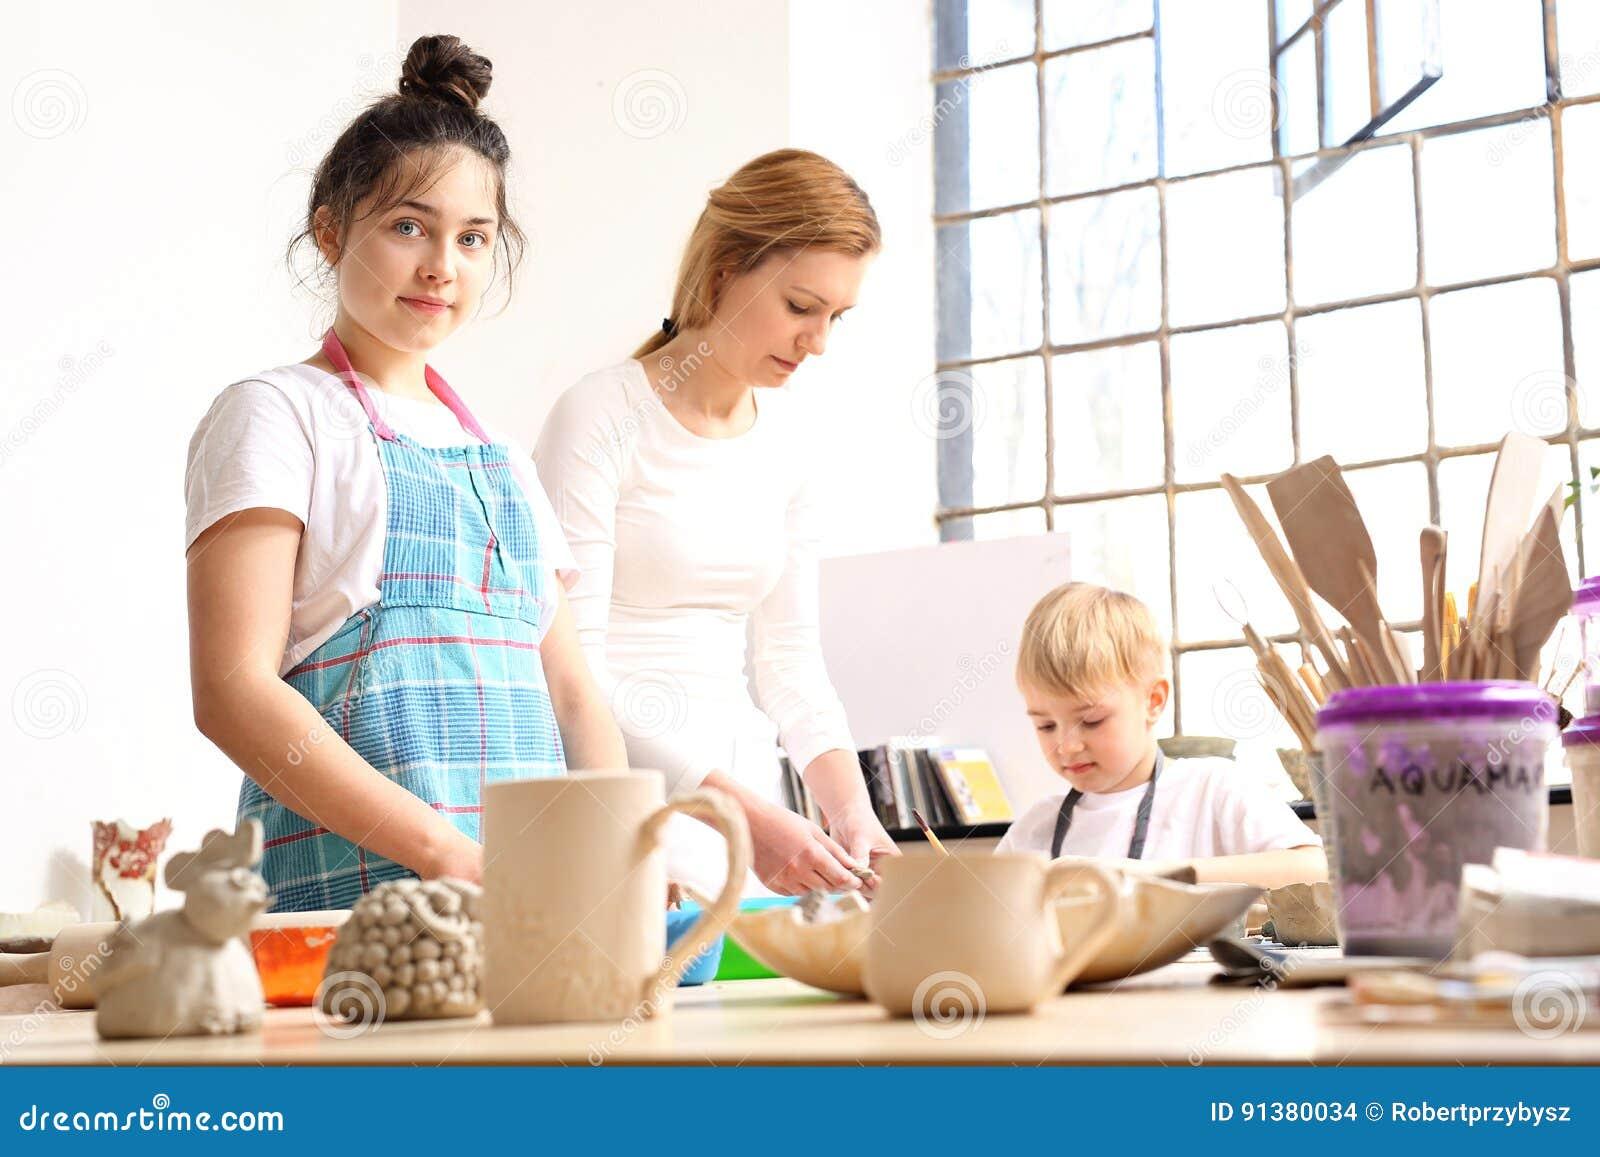 A animação classifica para crianças, cerâmica e argila